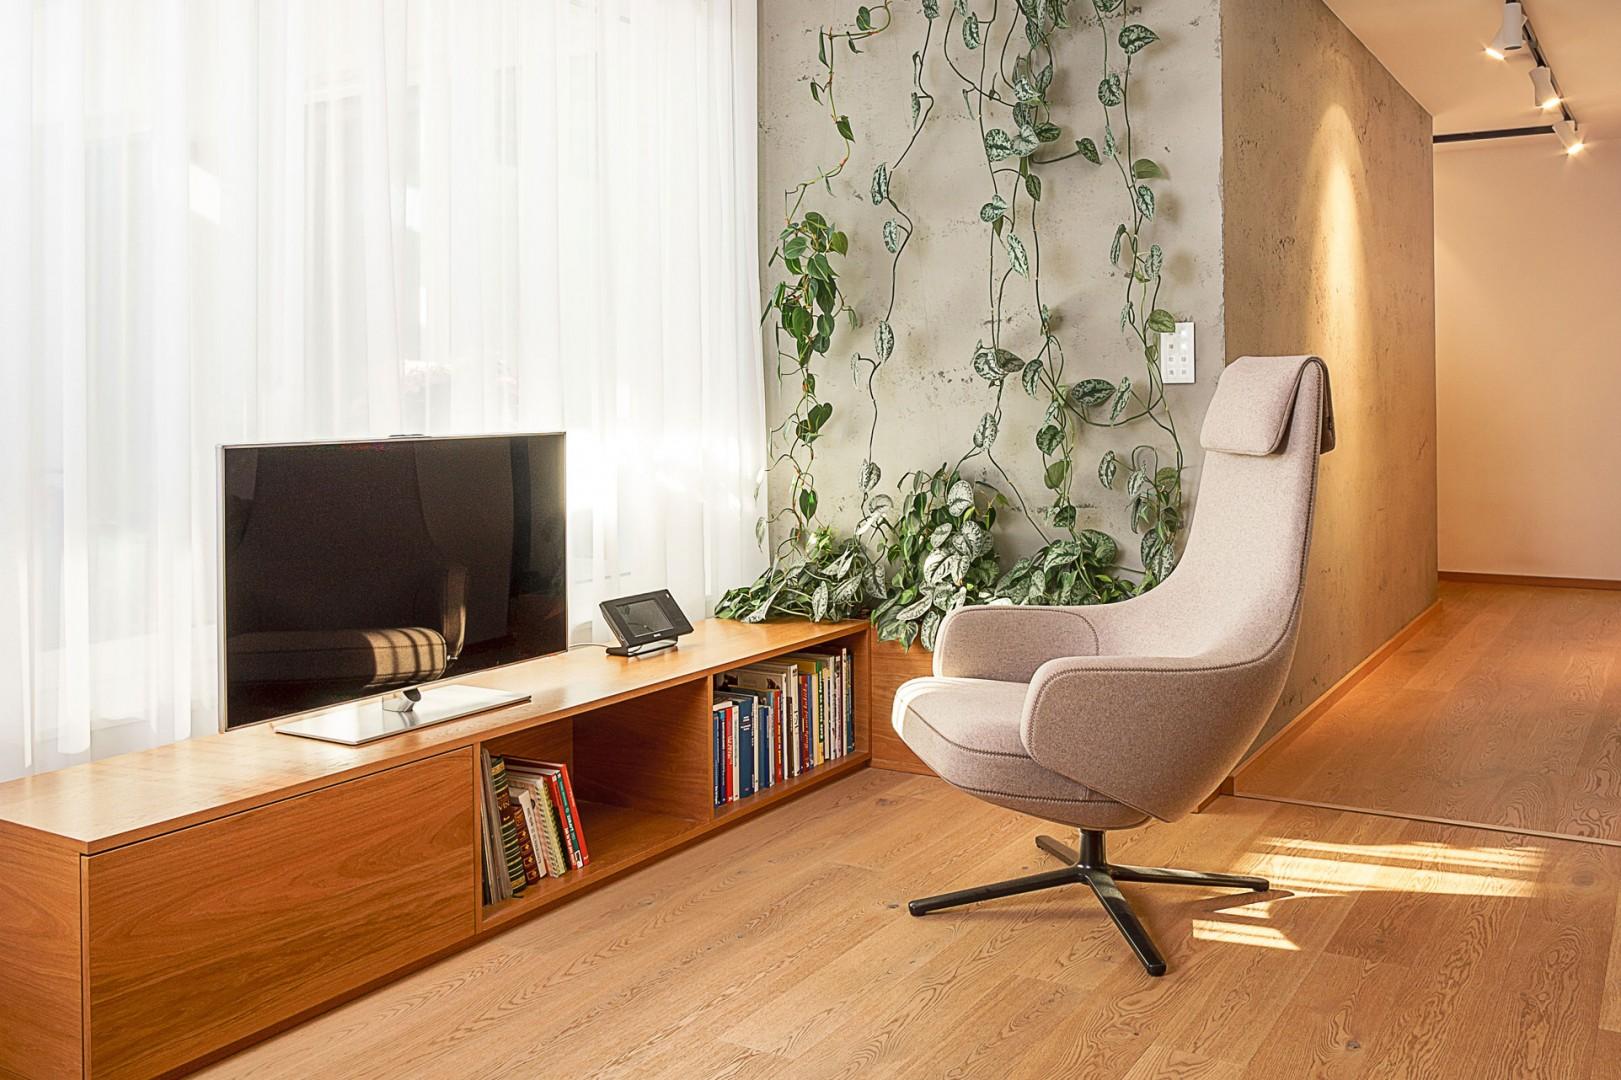 realizacia interieru rodinneho domu - vyroba nabytku na mieru